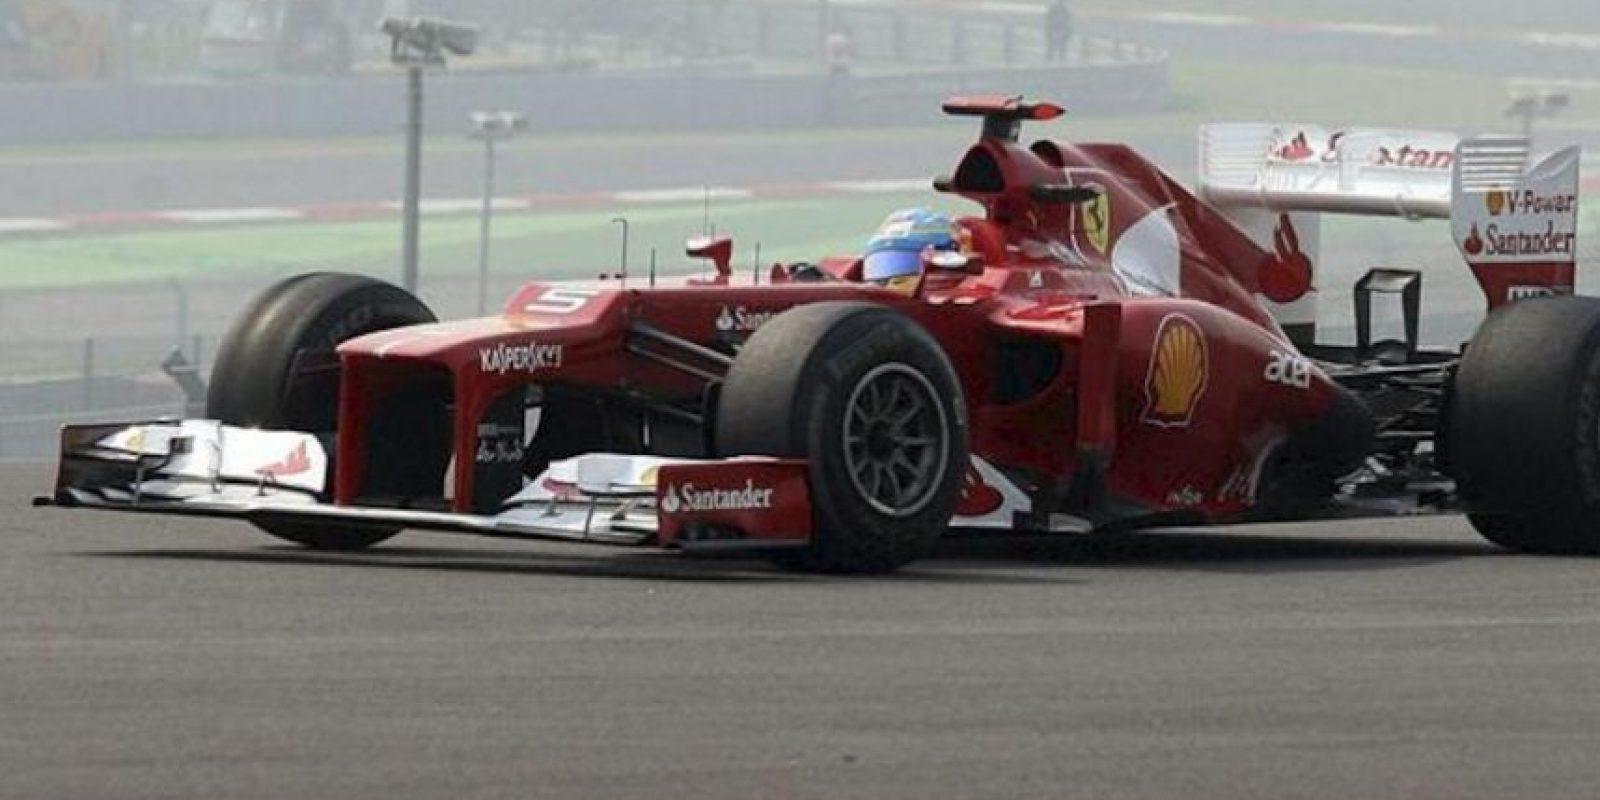 El piloto español de Fórmula Uno Fernando Alonso, de Ferrari, conduce su monoplaza durante la primera sesión de entrenamientos libres en el circuito internacional de Buddh a las afueras de Nueva Delhi (India) hoy, viernes 26 de octubre de 2012. EFE